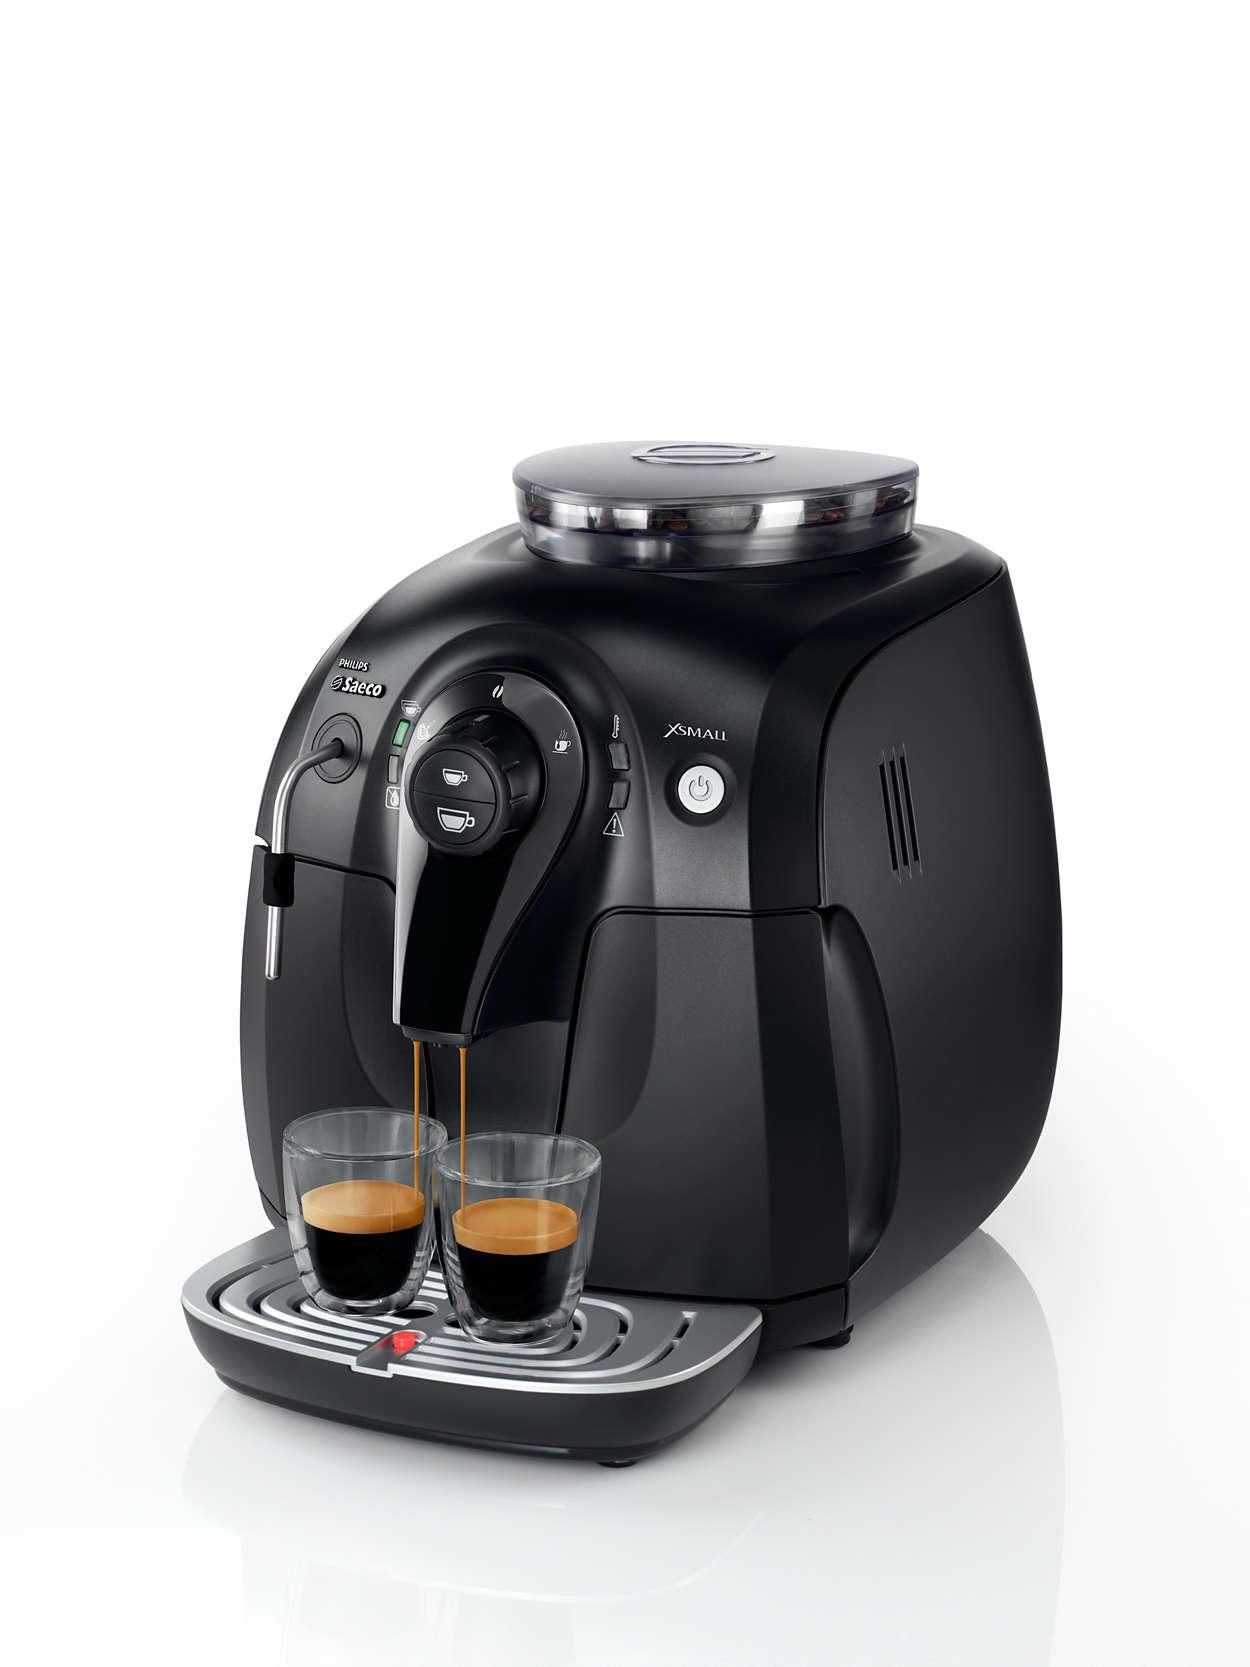 Ízlelje meg kedvenc kávébabjai felejthetetlen aromáját